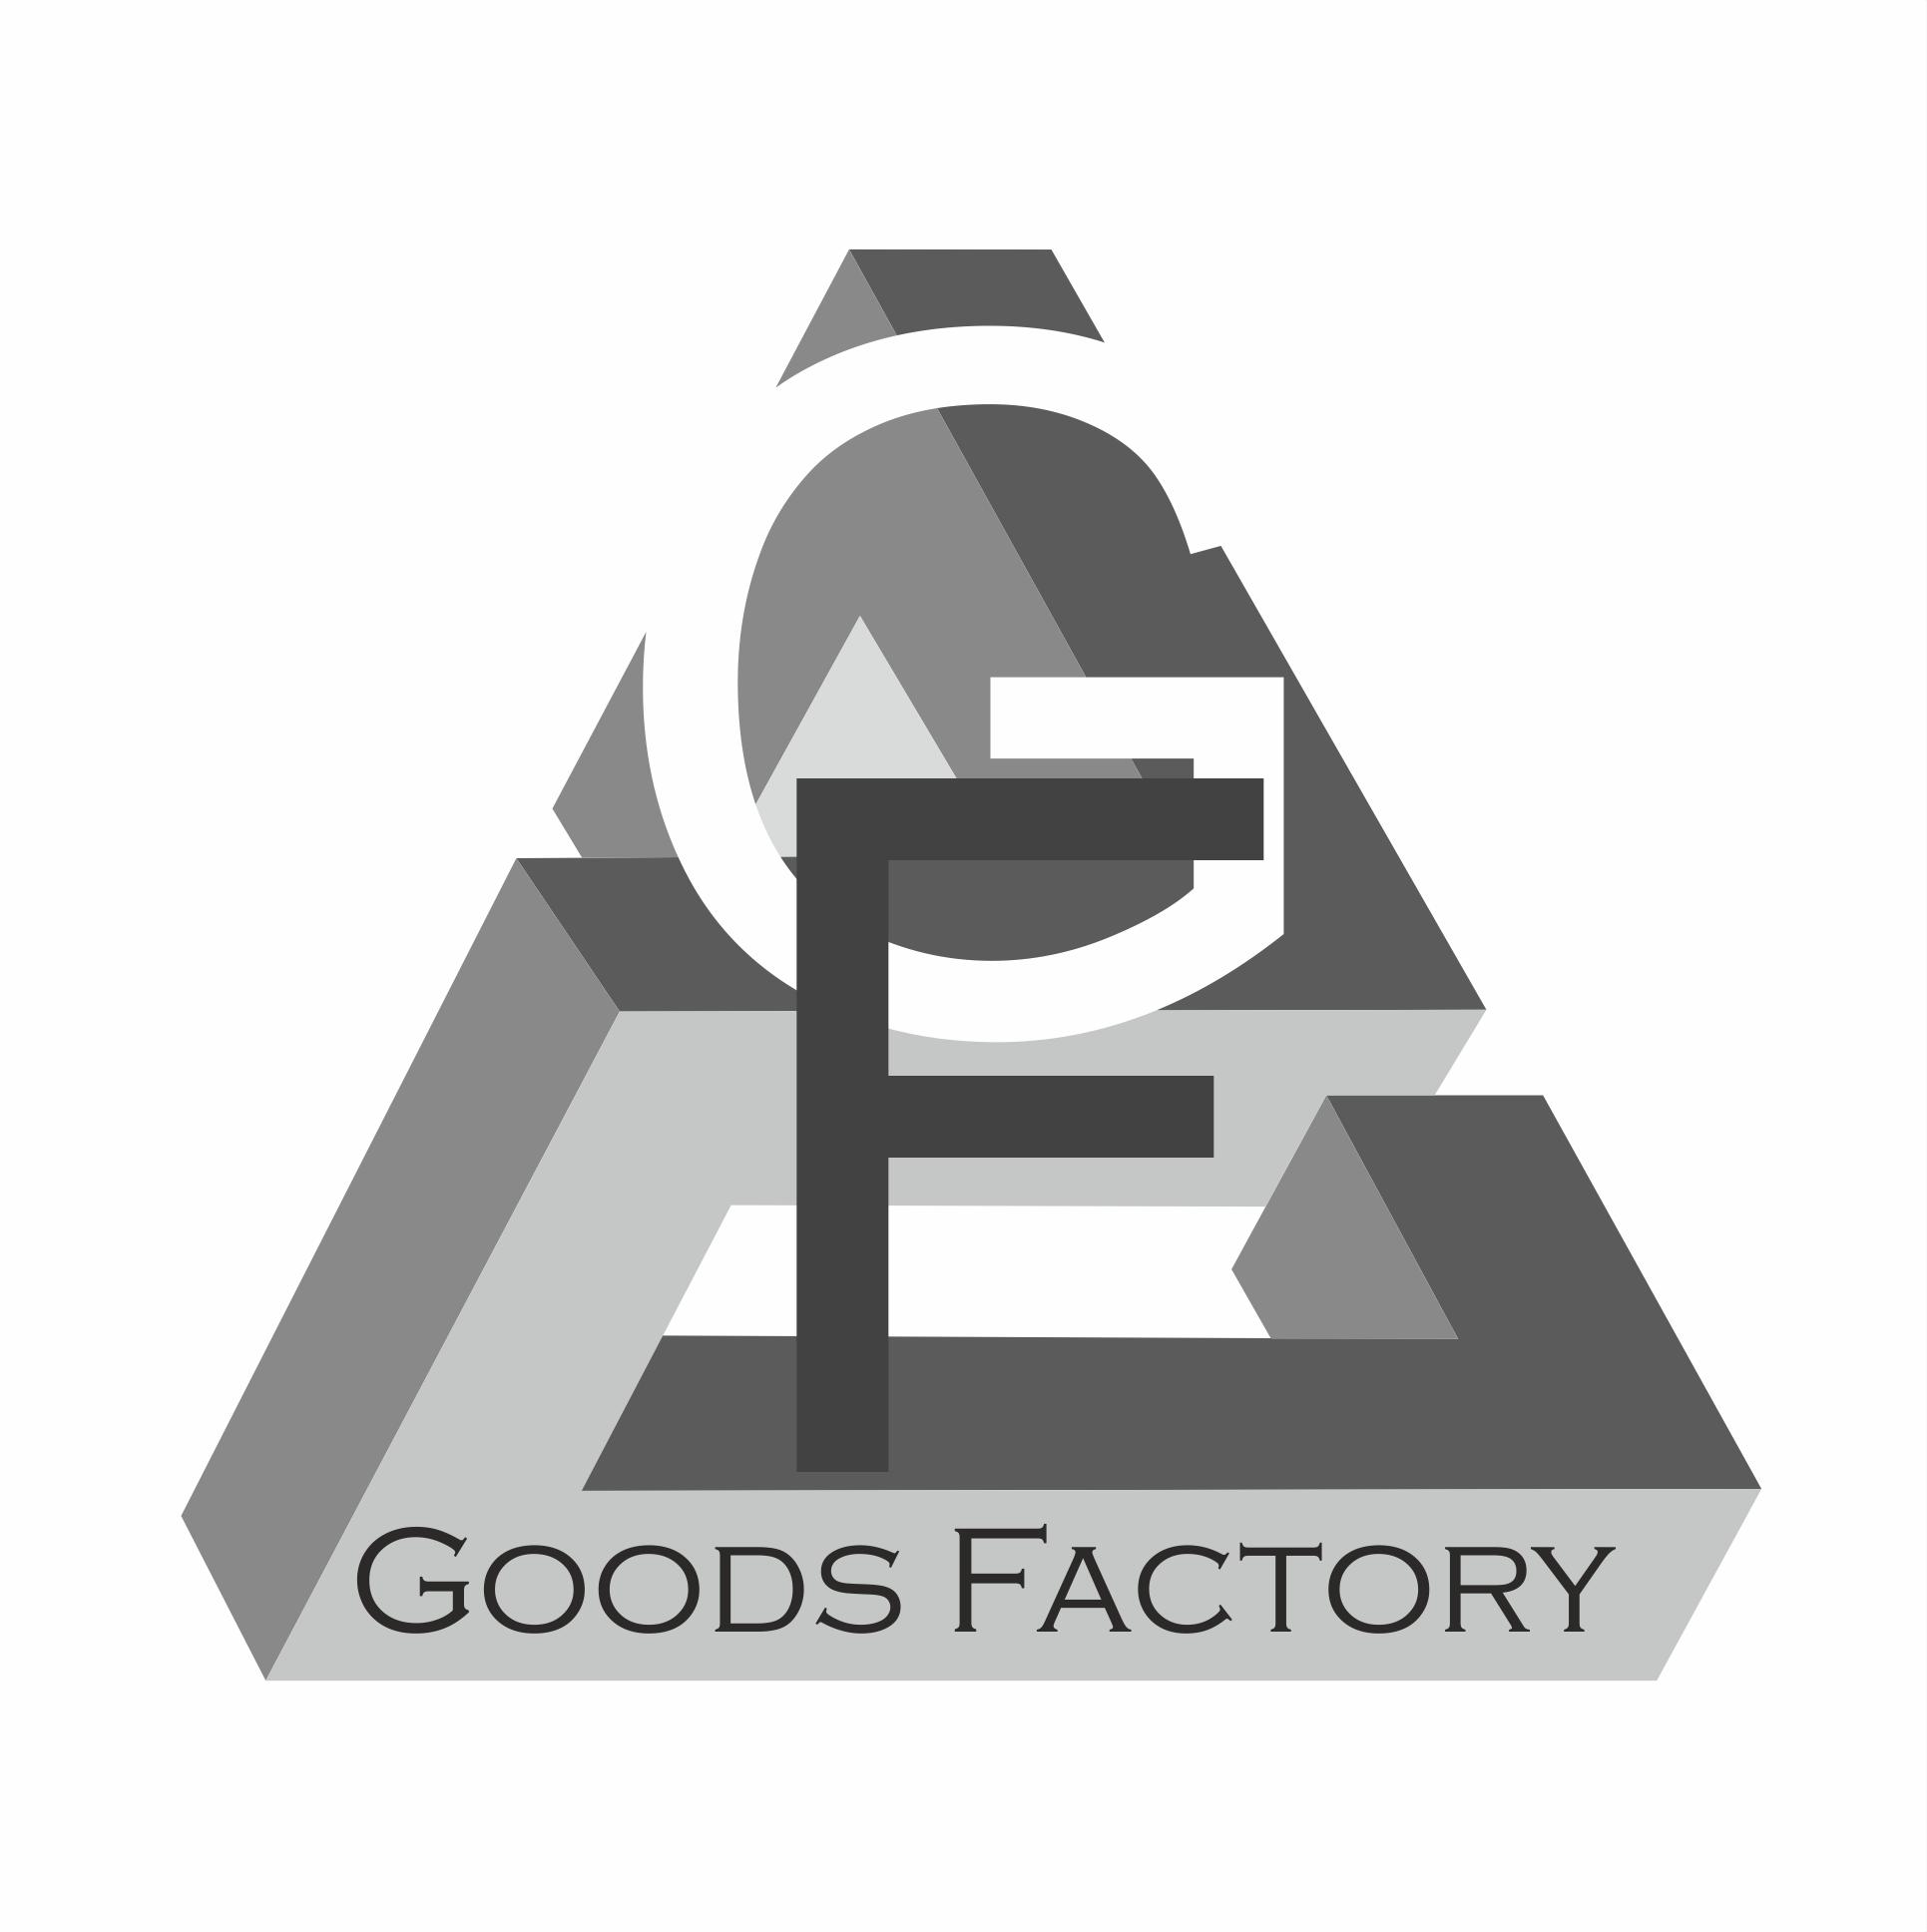 Разработка логотипа компании фото f_7305964a239c3732.png